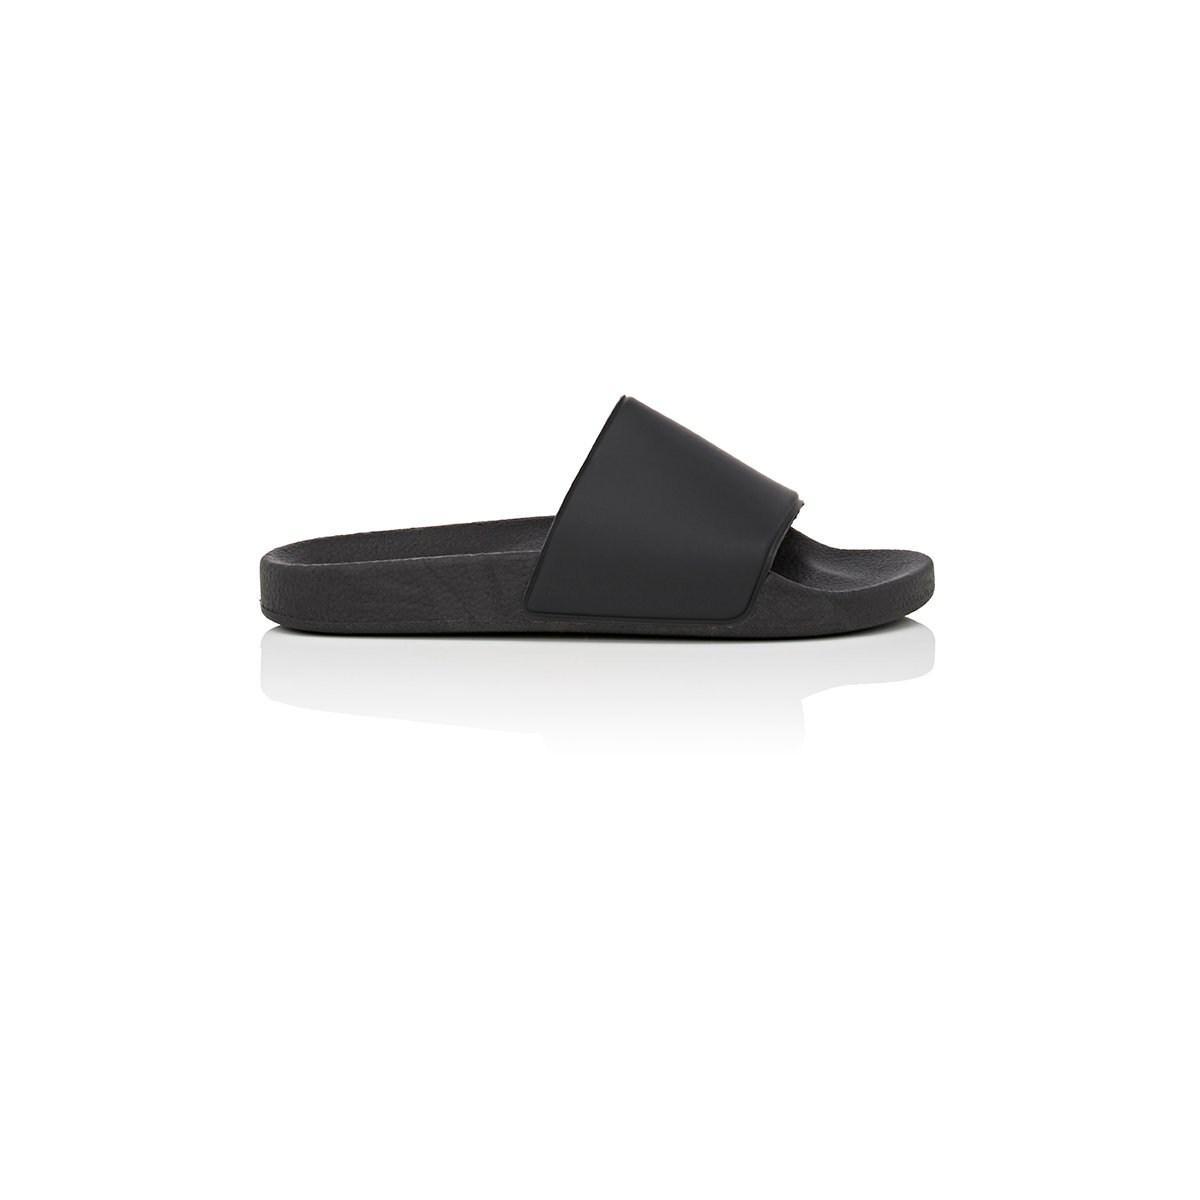 3b0209a3f Lyst - Barneys New York Neoprene Slide Sandals in Black for Men ...